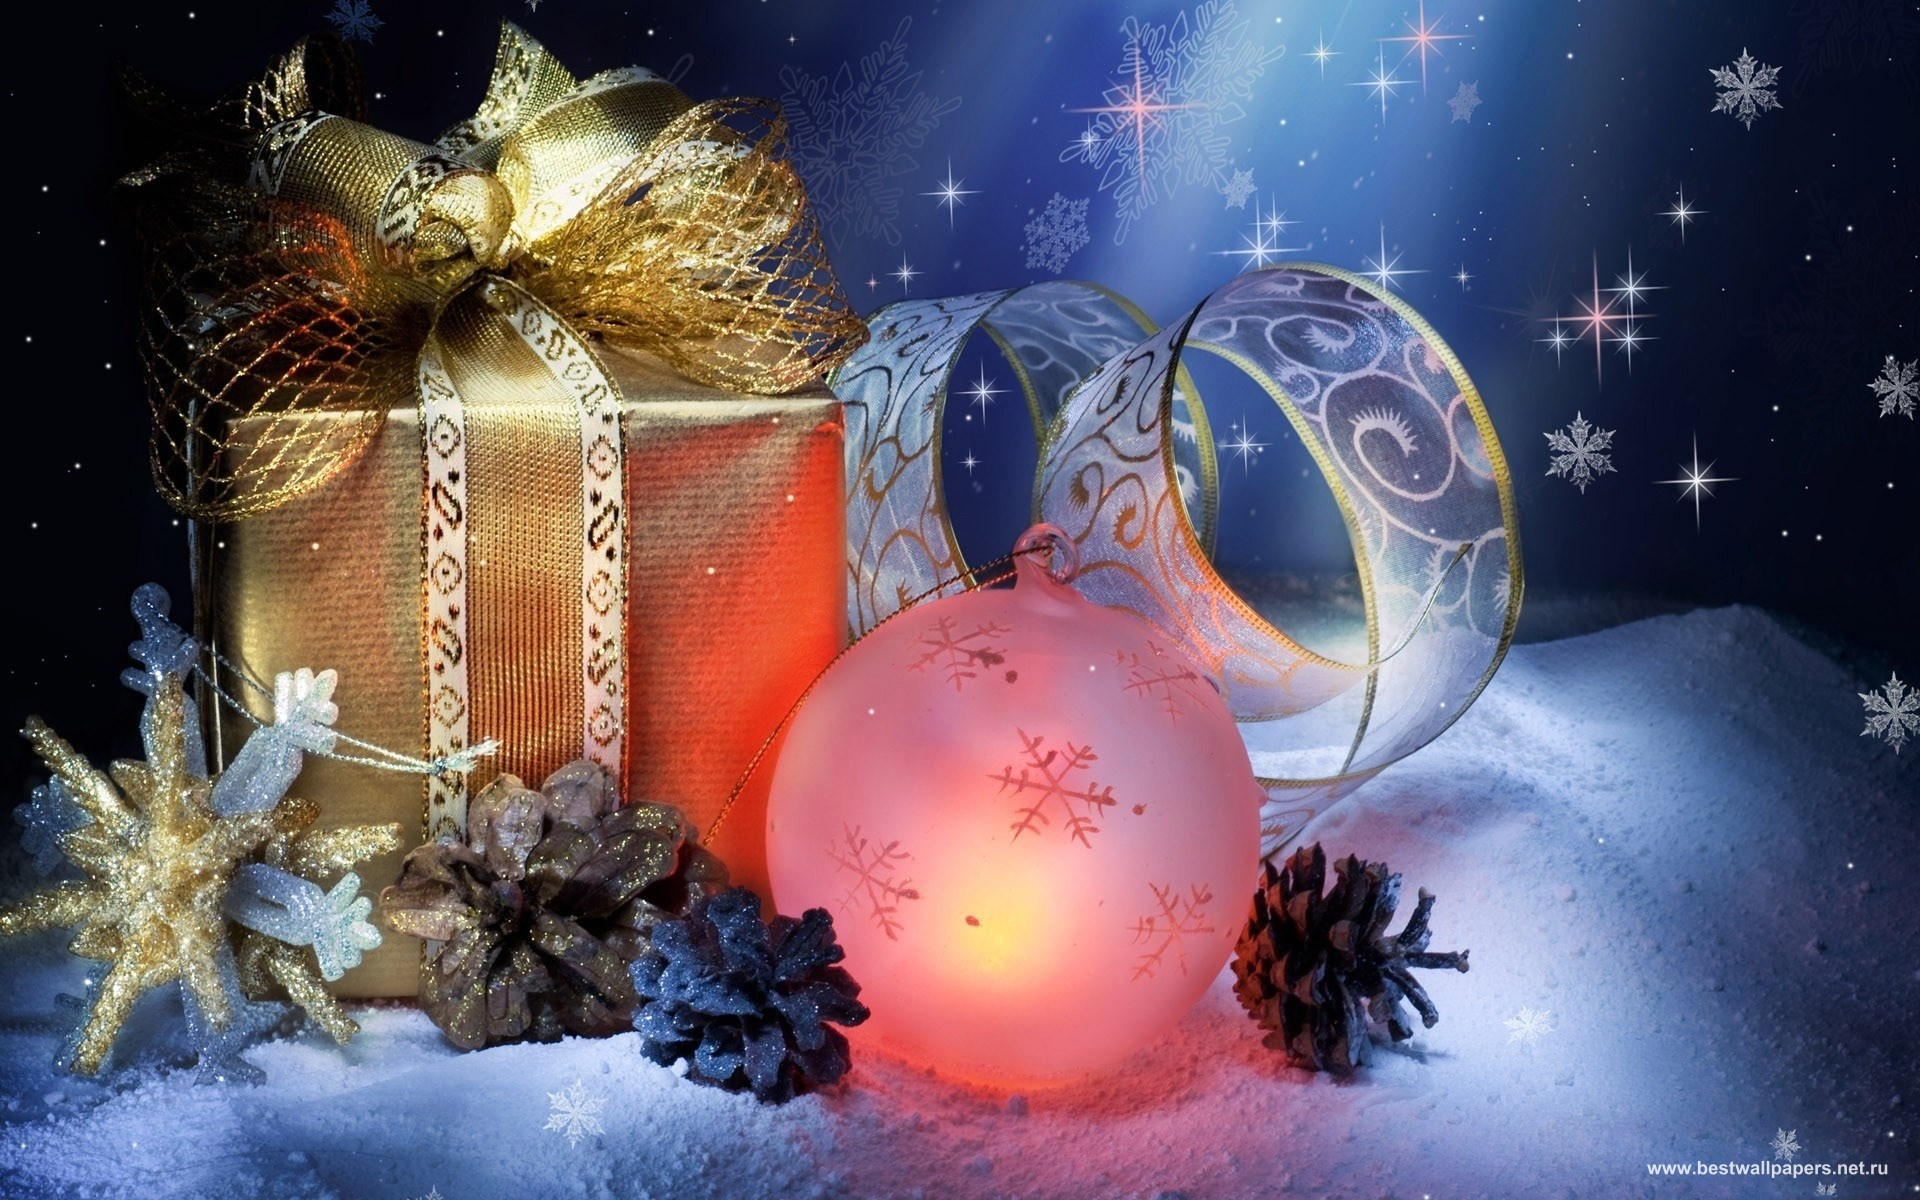 Нежный новогодний подарок в упаковке